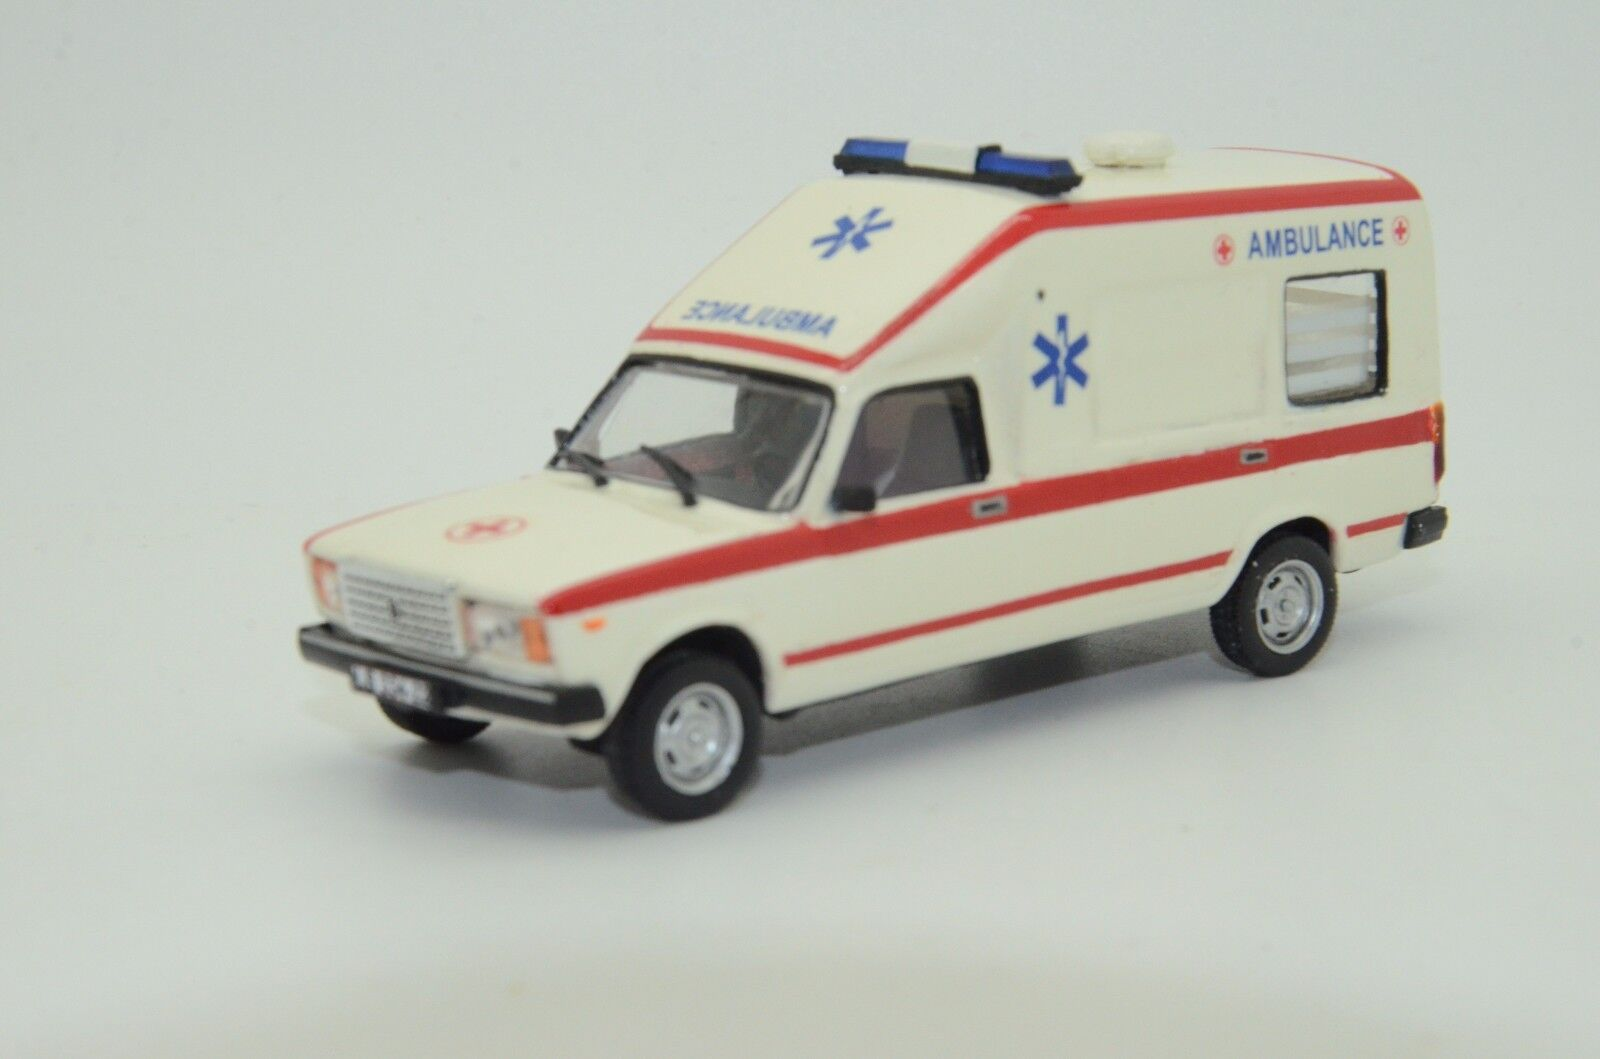 Mega Raro Lada 2107 modelos de vector de coche Ambulancia blancooa hecha a mano de 1 43